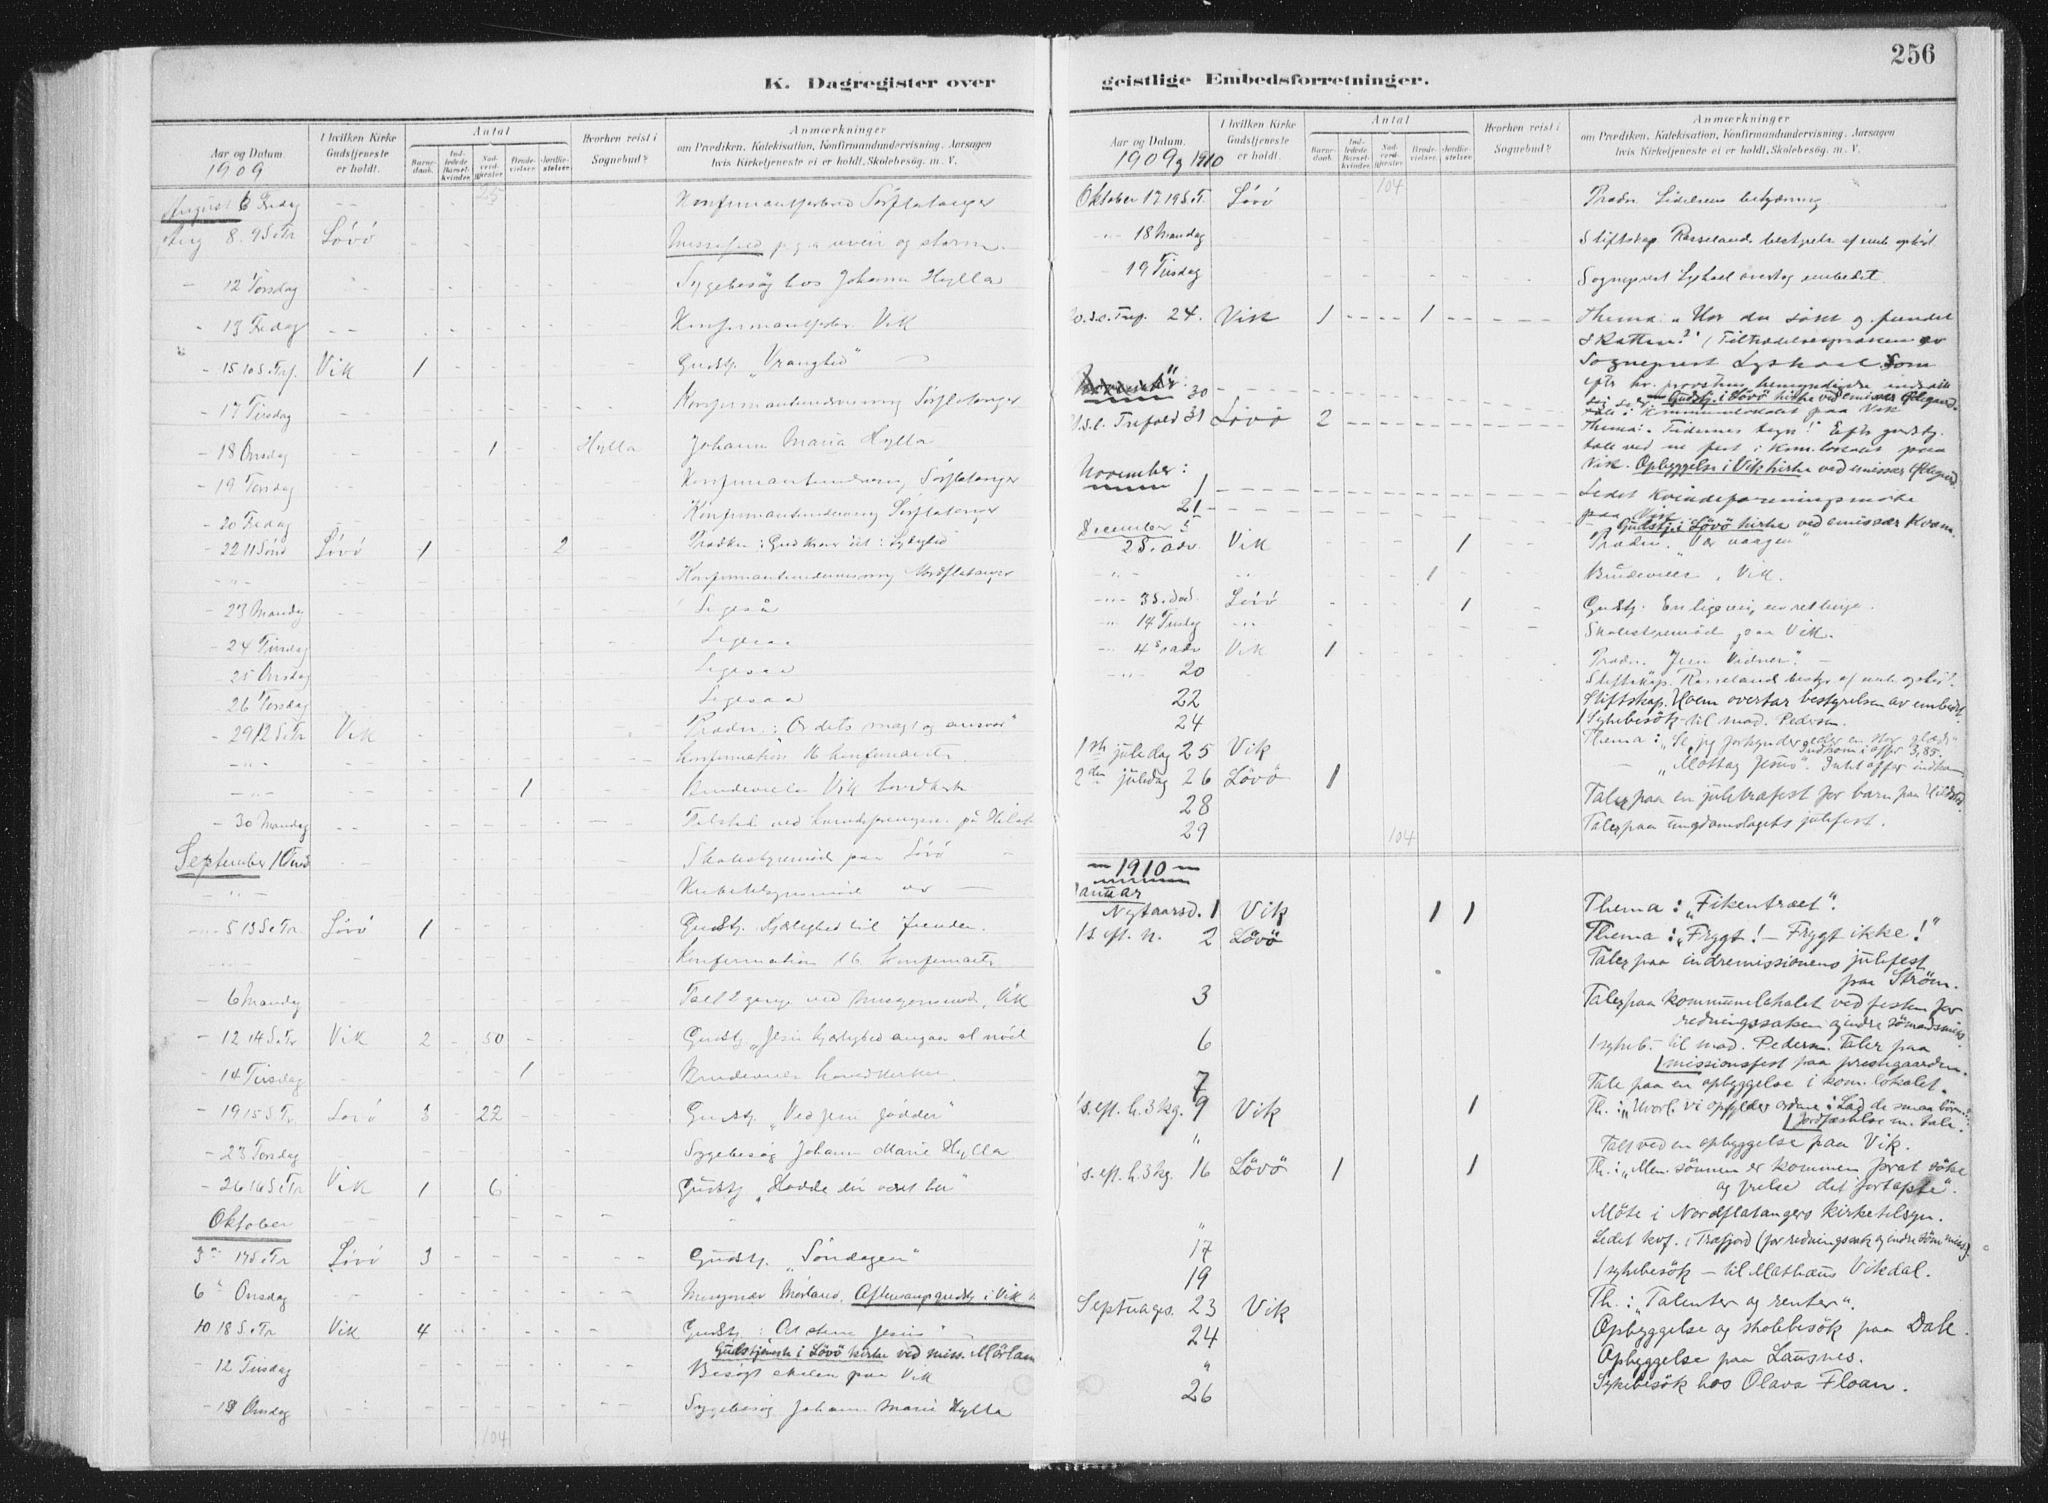 SAT, Ministerialprotokoller, klokkerbøker og fødselsregistre - Nord-Trøndelag, 771/L0597: Ministerialbok nr. 771A04, 1885-1910, s. 256